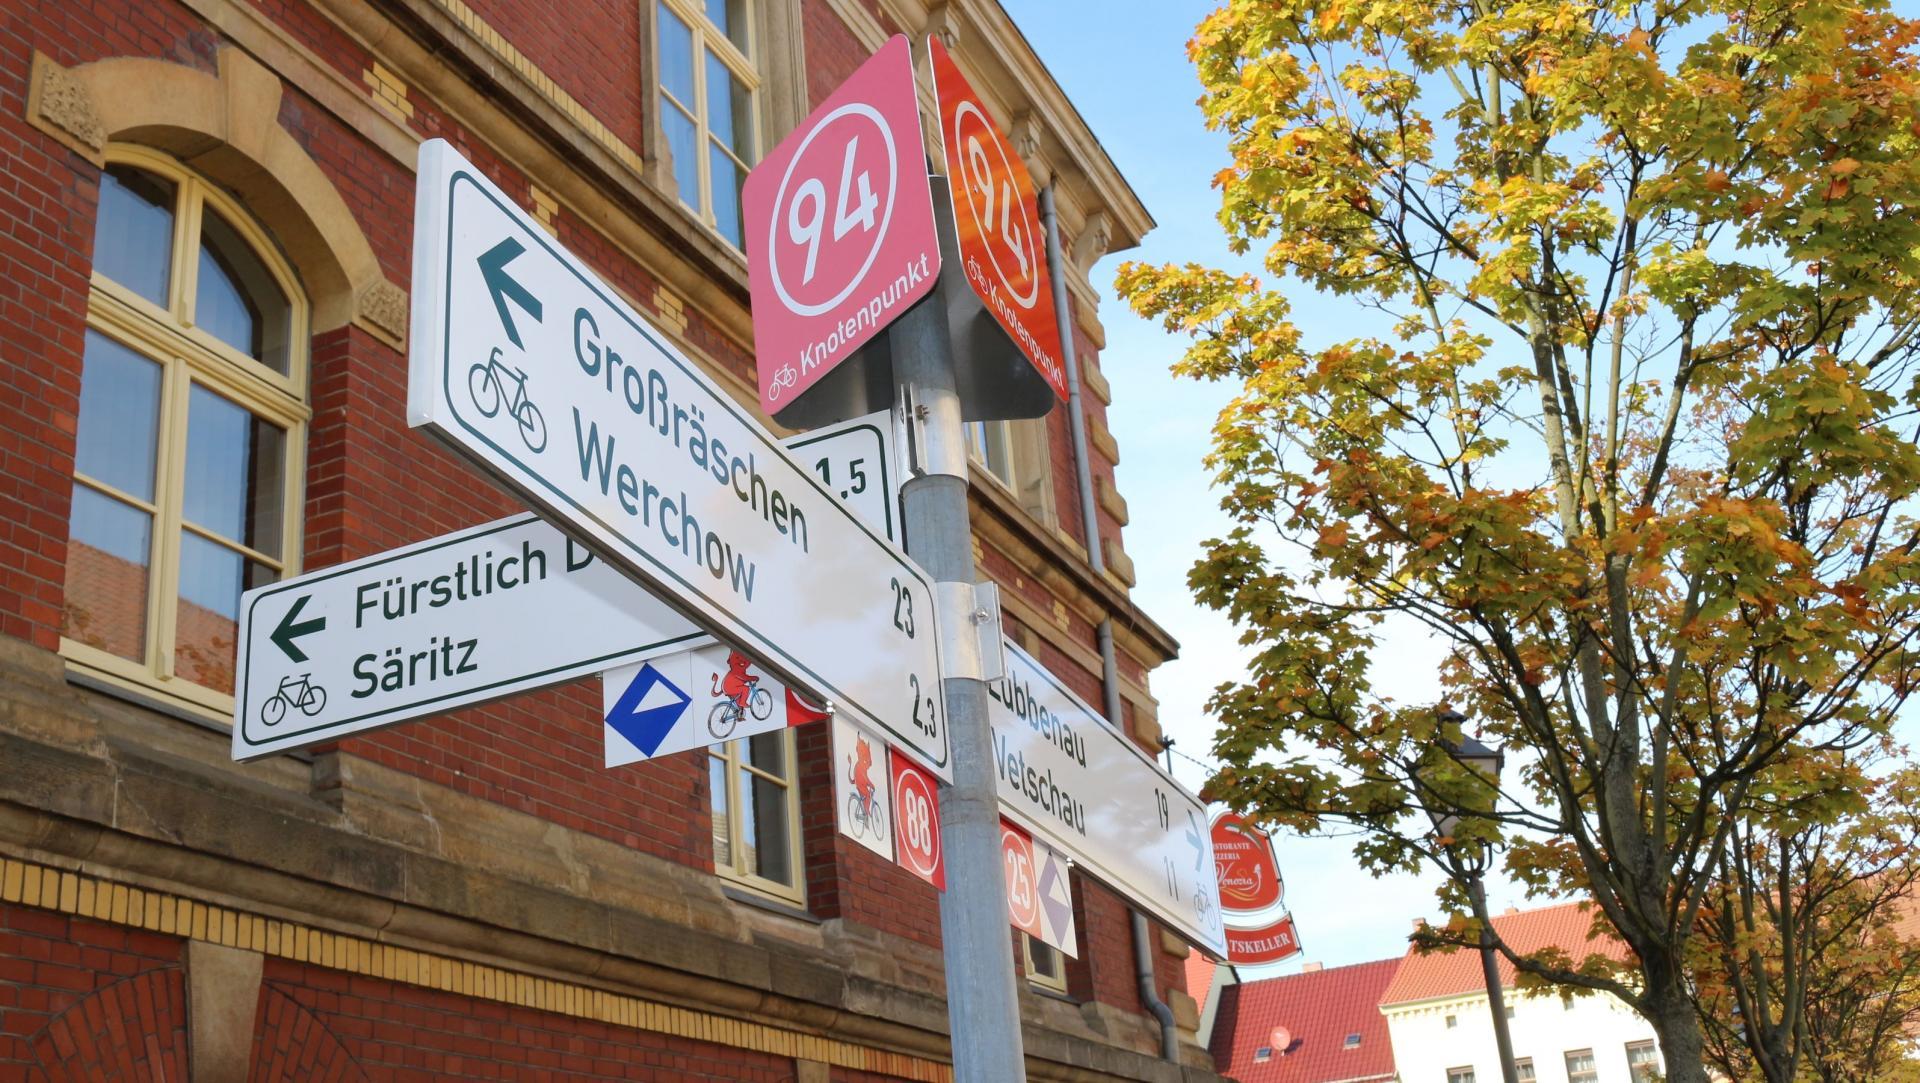 Knotenpunktwegweiser. Foto: Stadt Calau / Jan Hornhauer